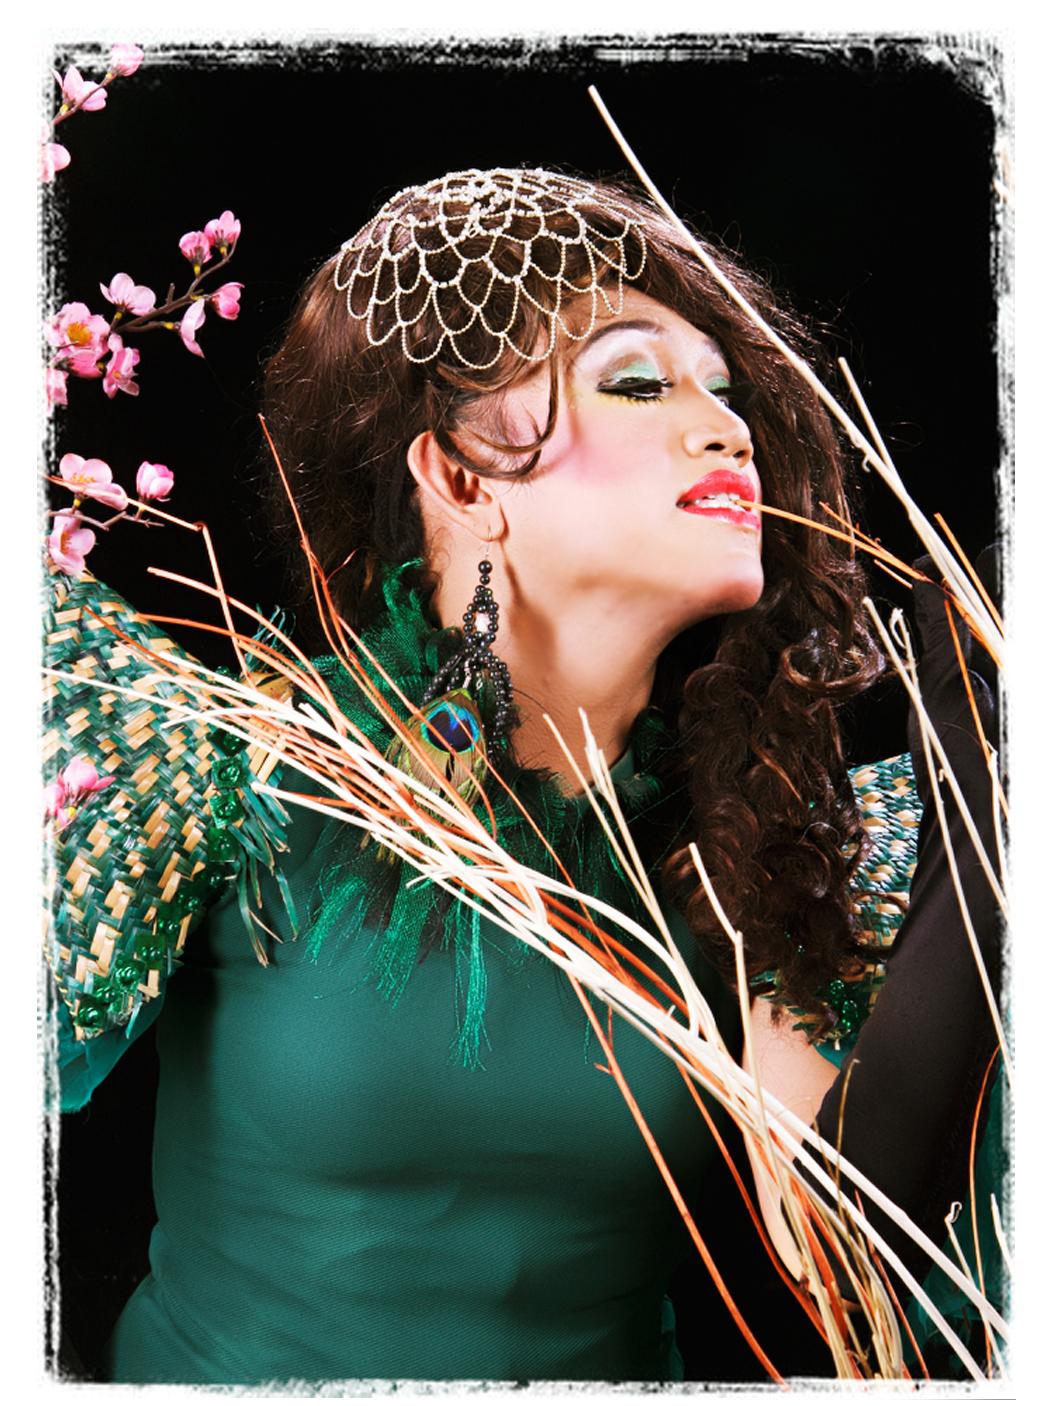 Tiara fabulous_photo by Mirror Studio